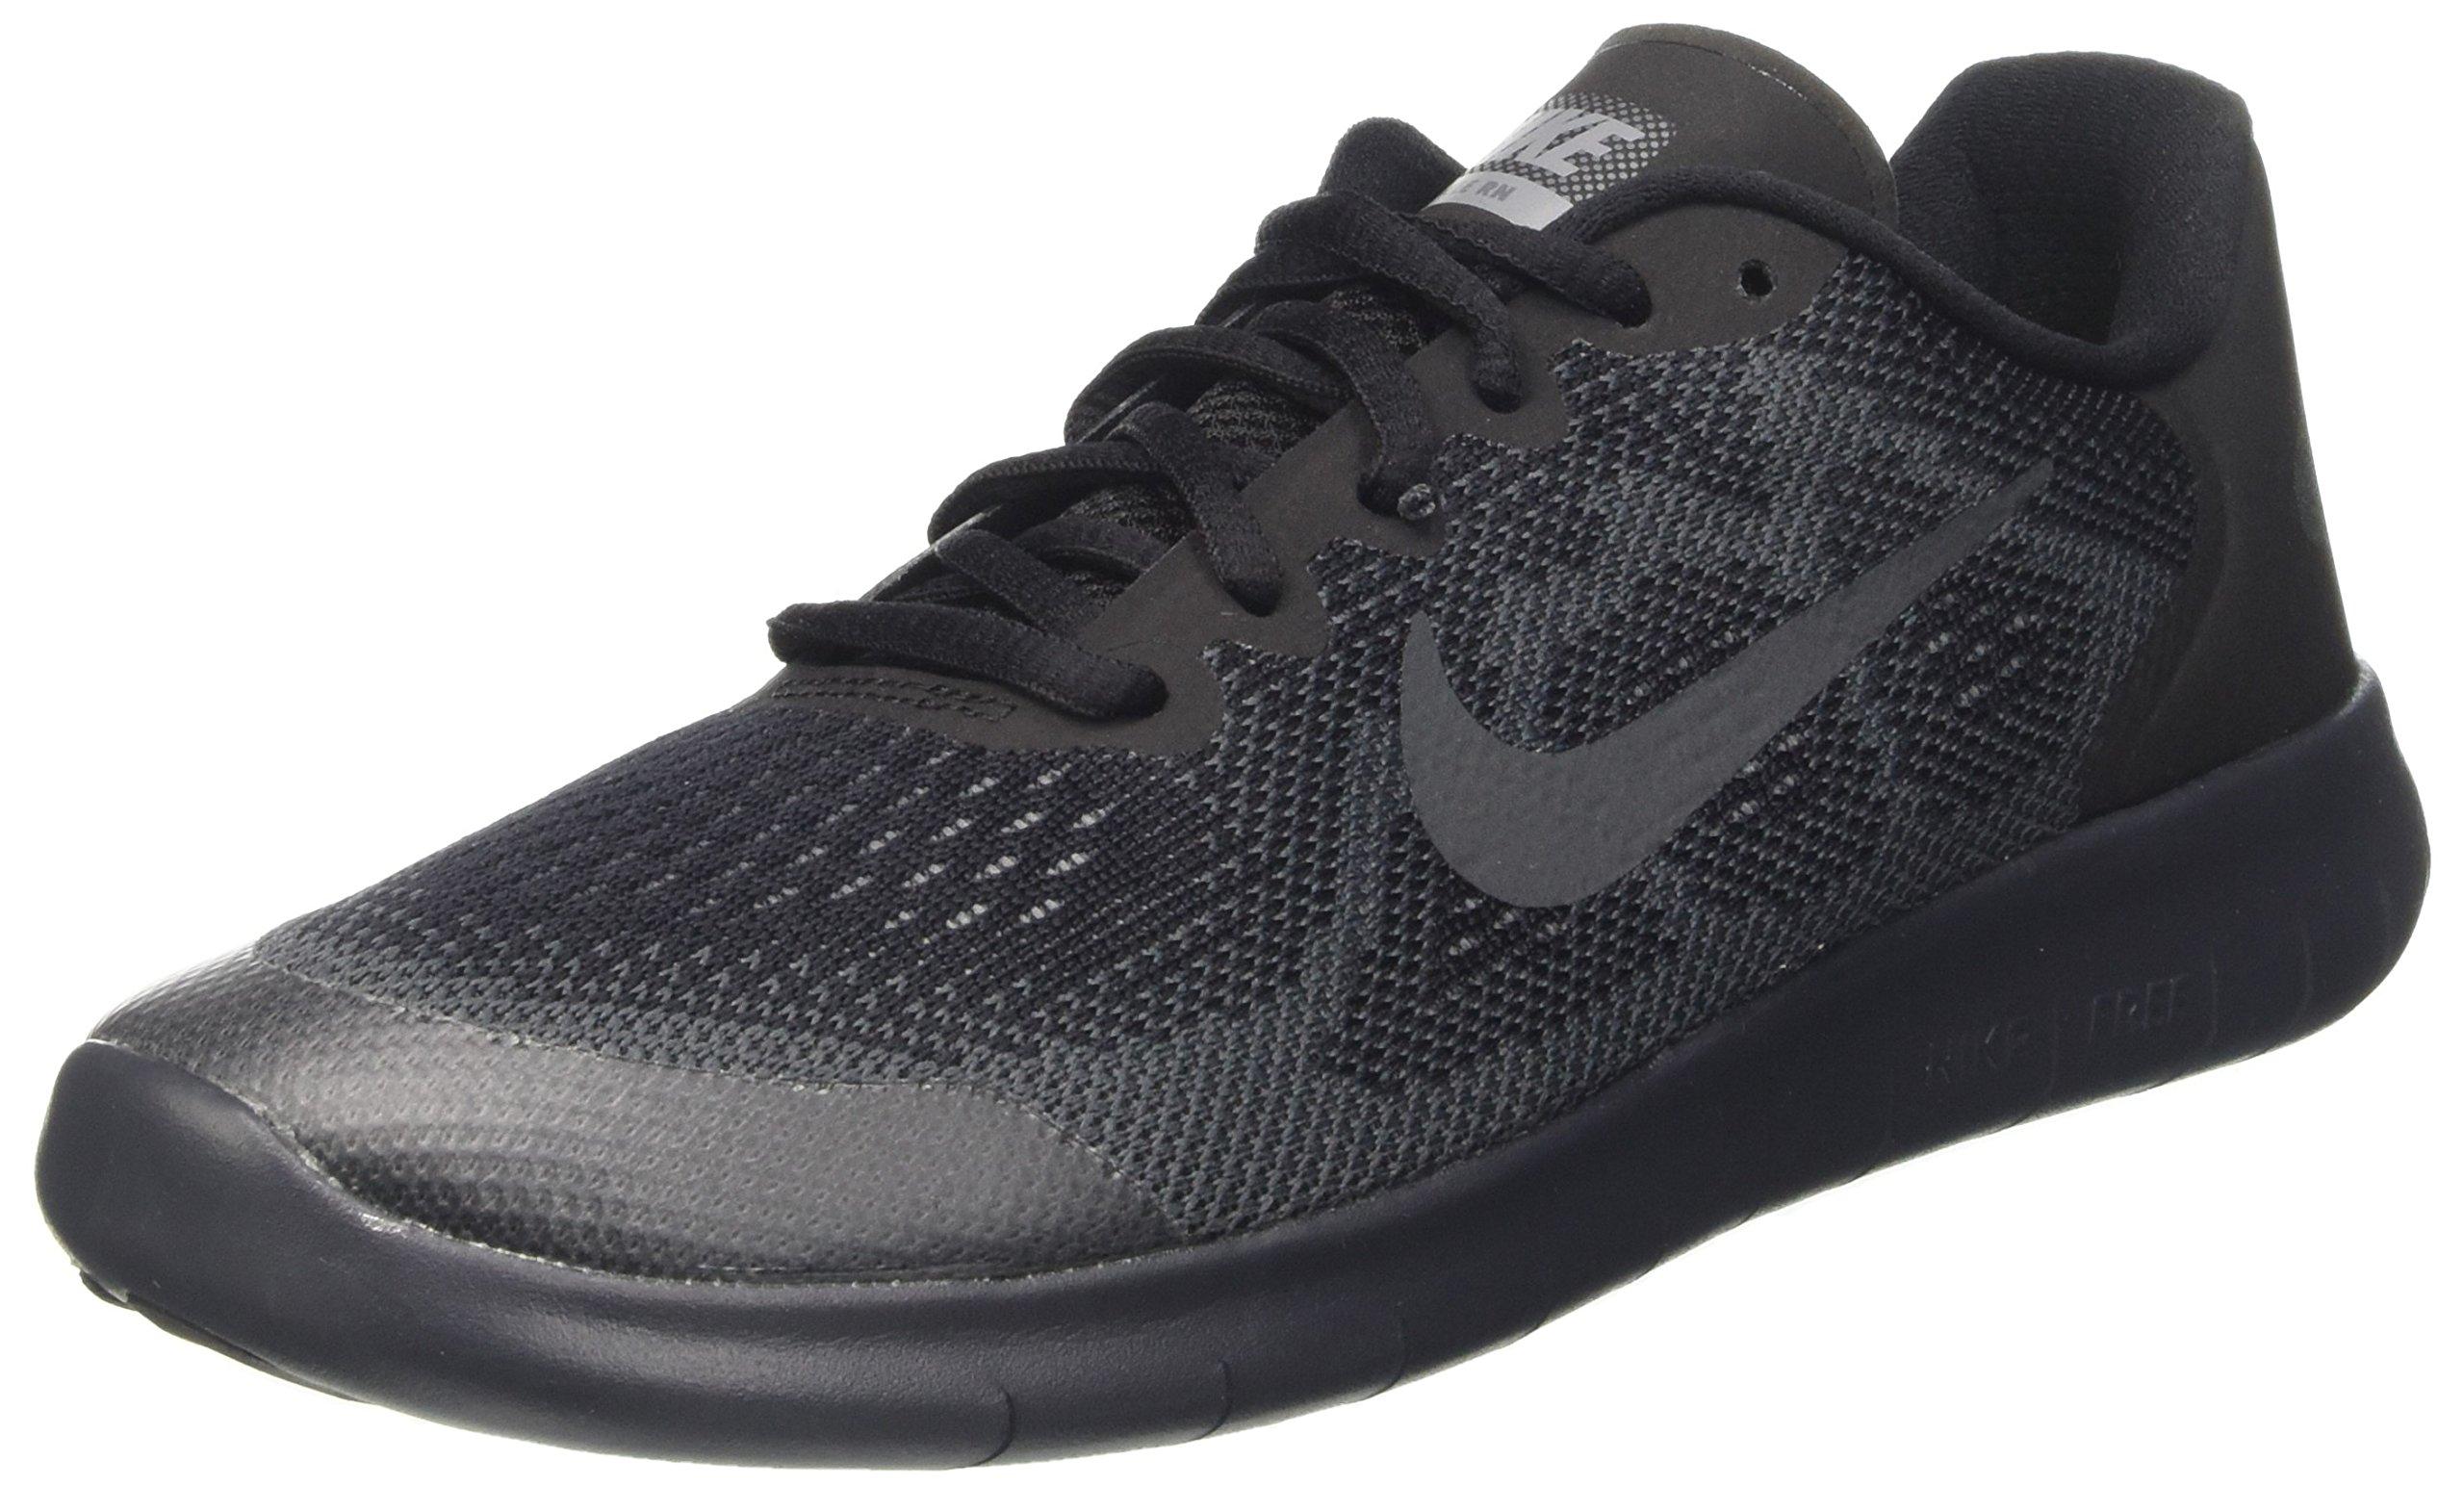 Nike Kids Free Rn 2017 (GS) Black/Anthracite/Dark Grey Running Shoe 4 Kids US